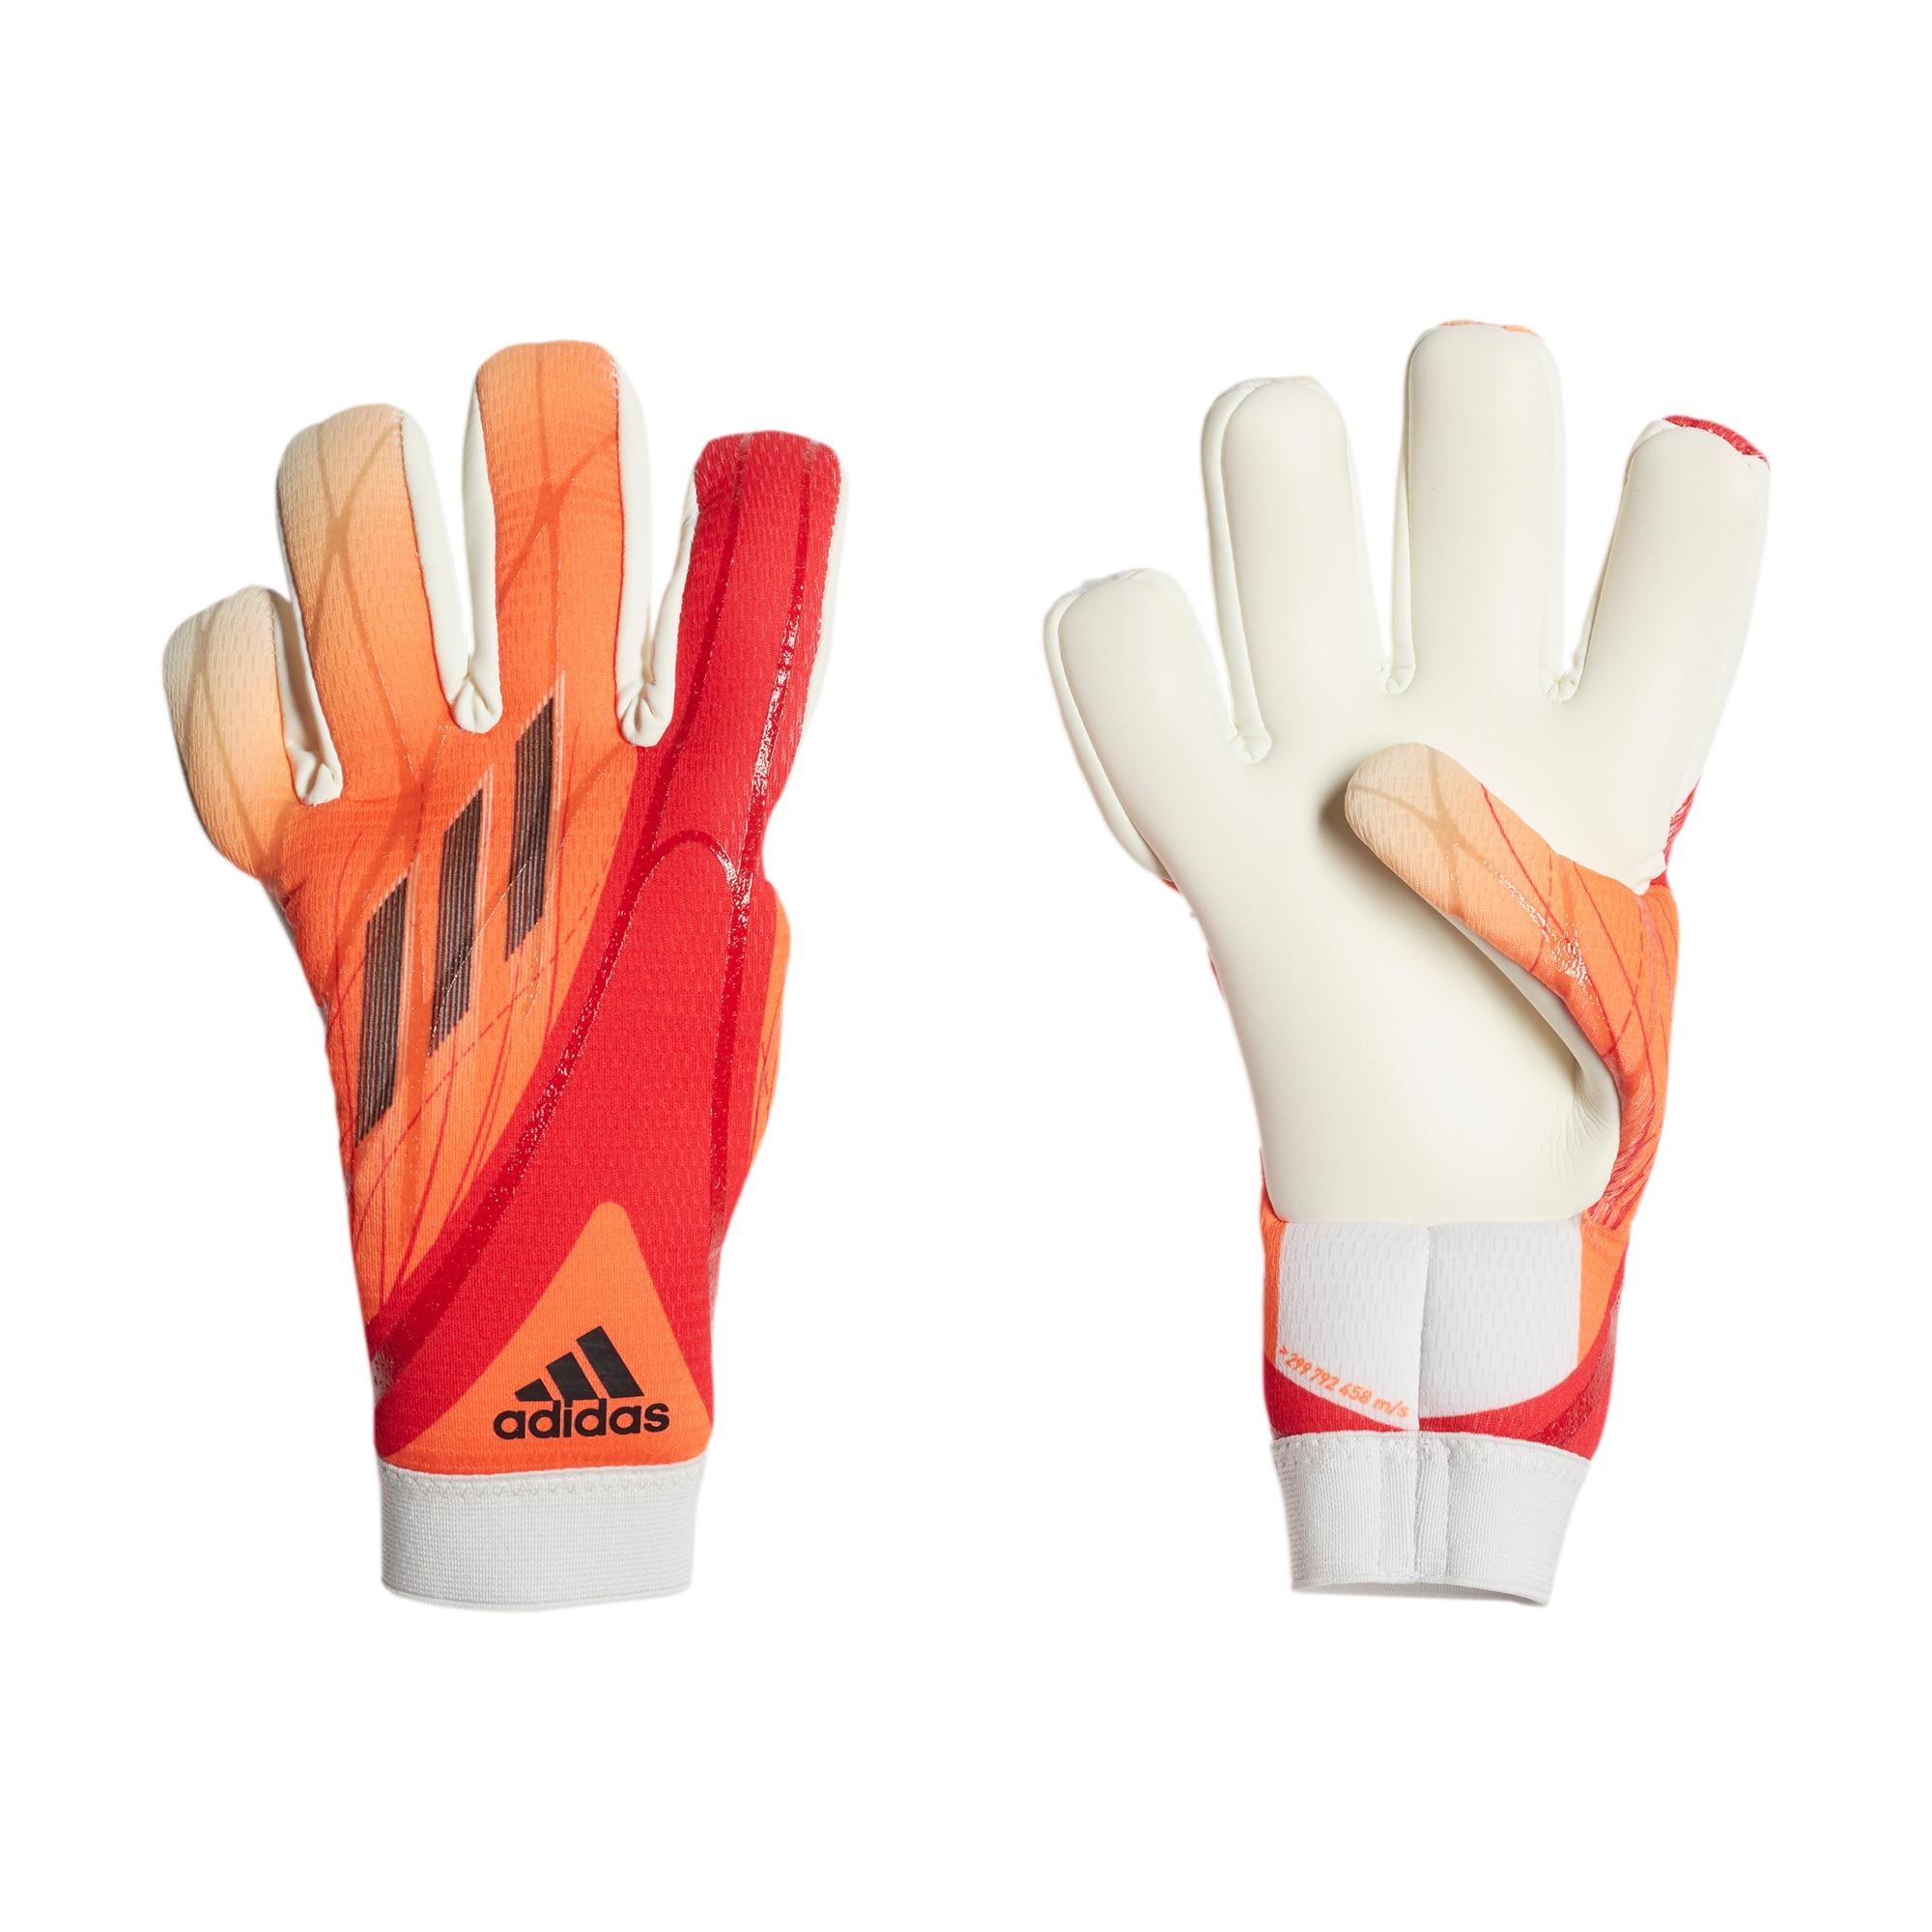 Adidas X League Keeperhansker Barn Meteorite Pack